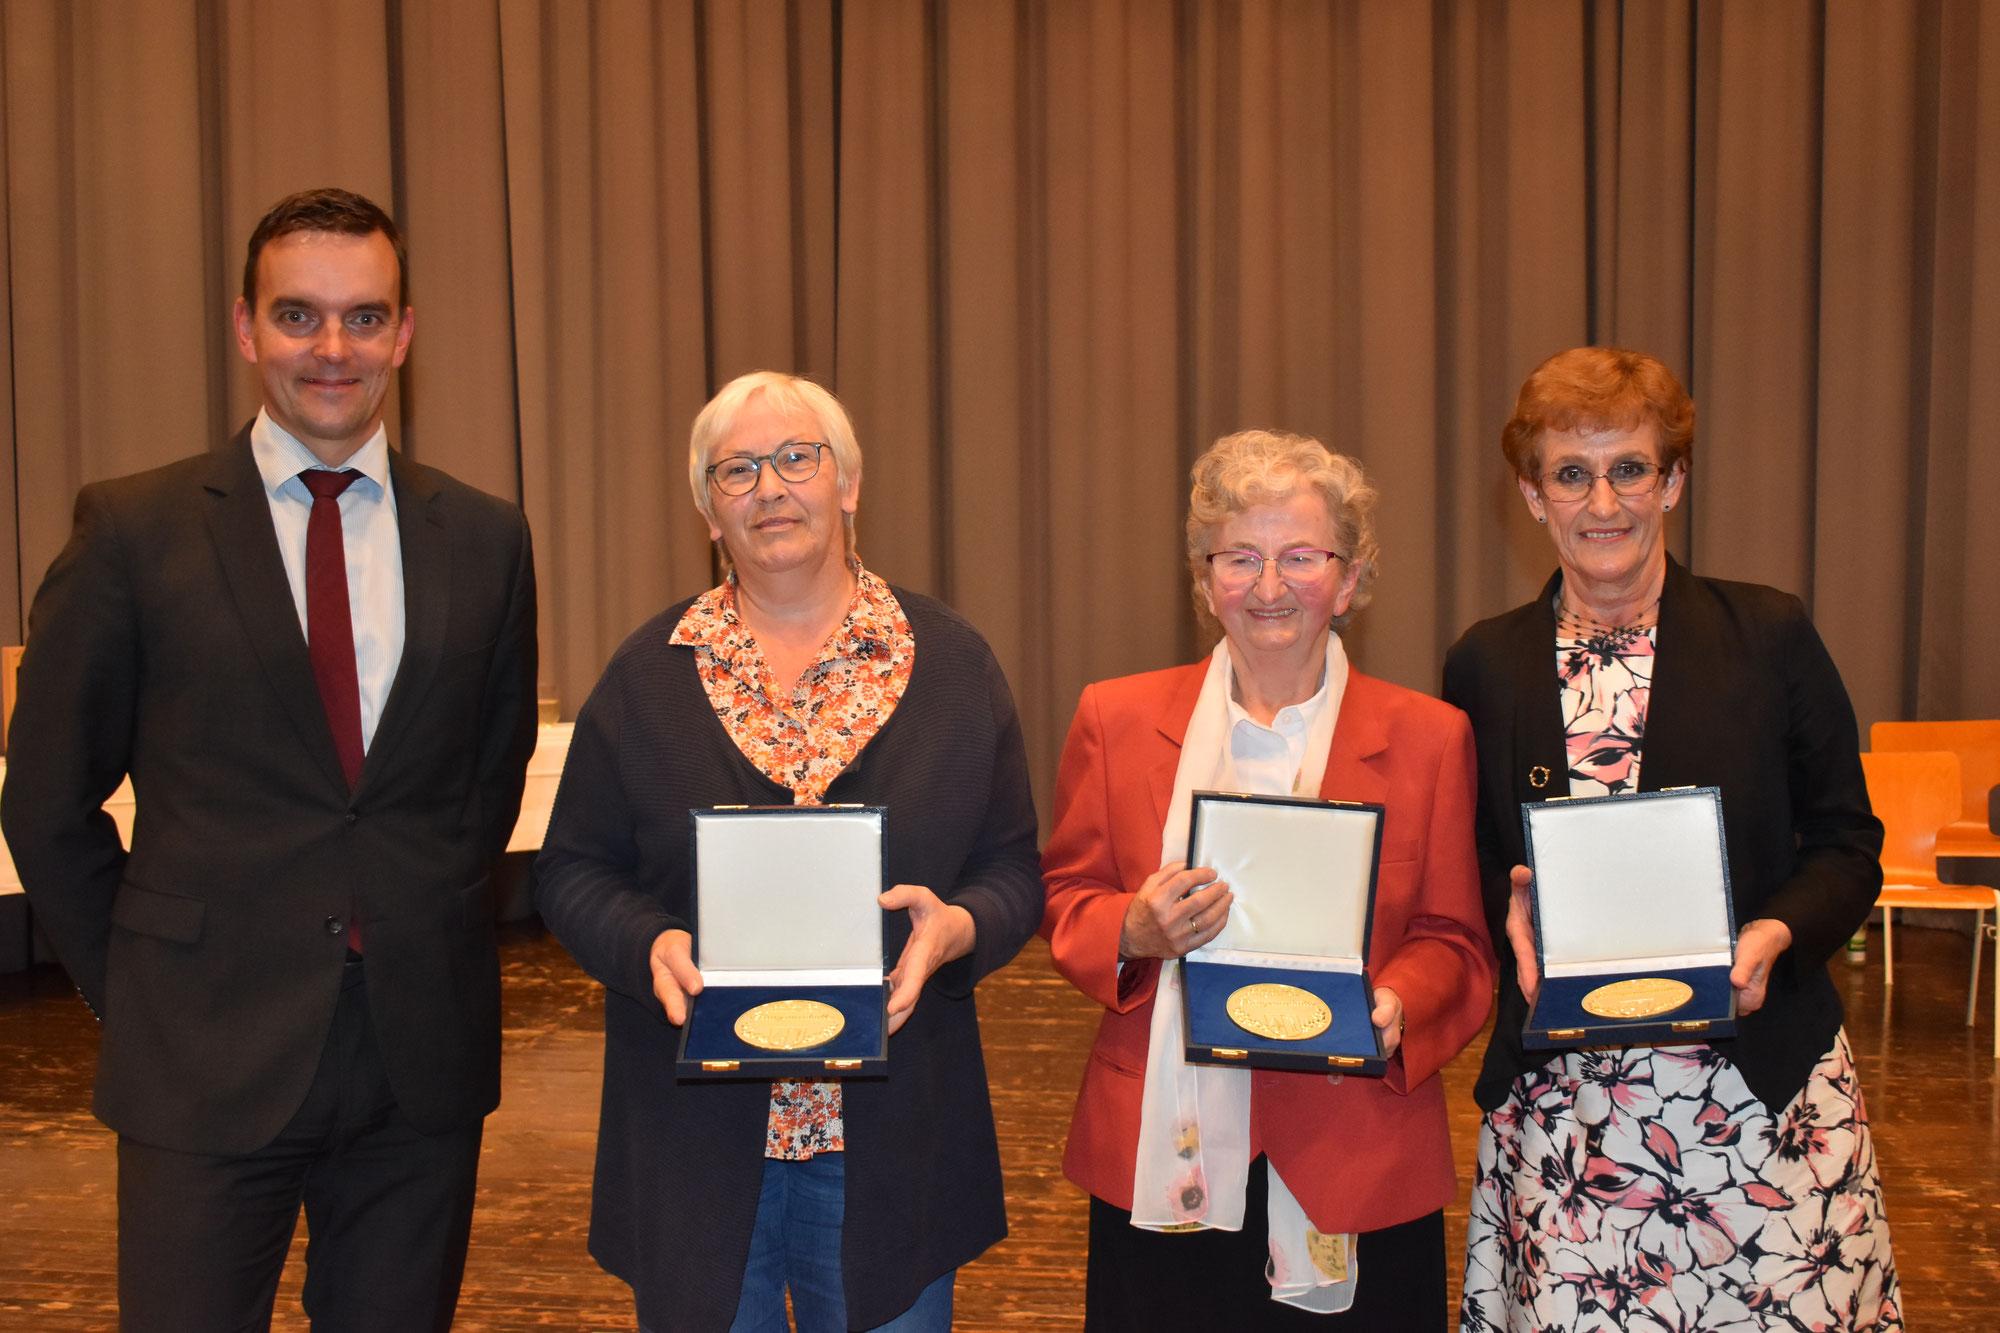 Friesenheim Gala - Bürgermedaille für starke Frauen